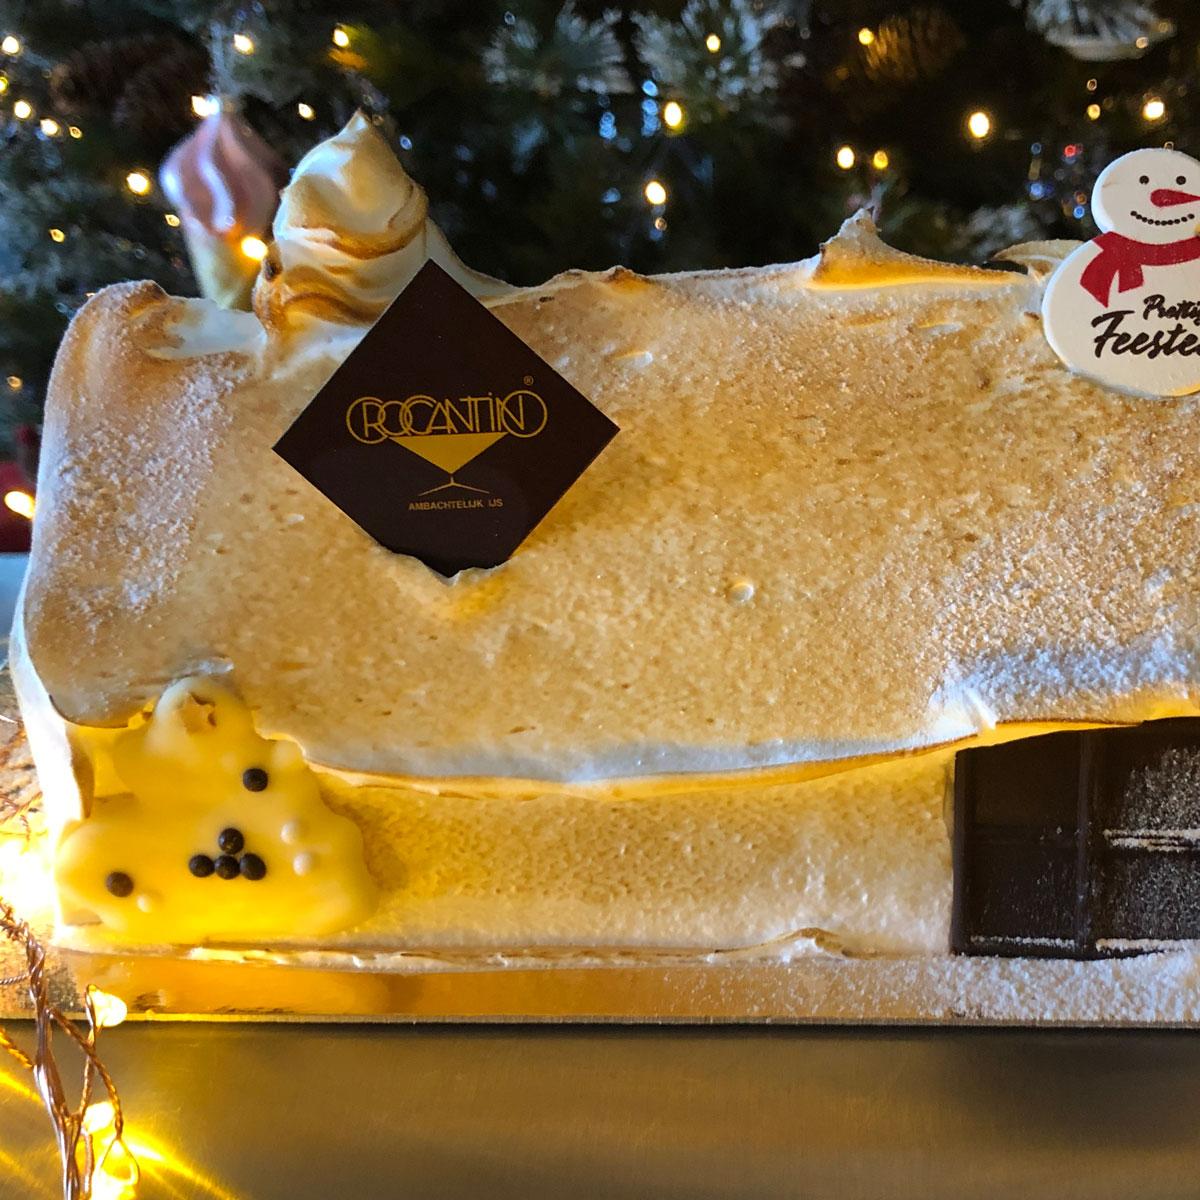 Vanille Bourbon kerststronk 5p afwerking meringue Huisje